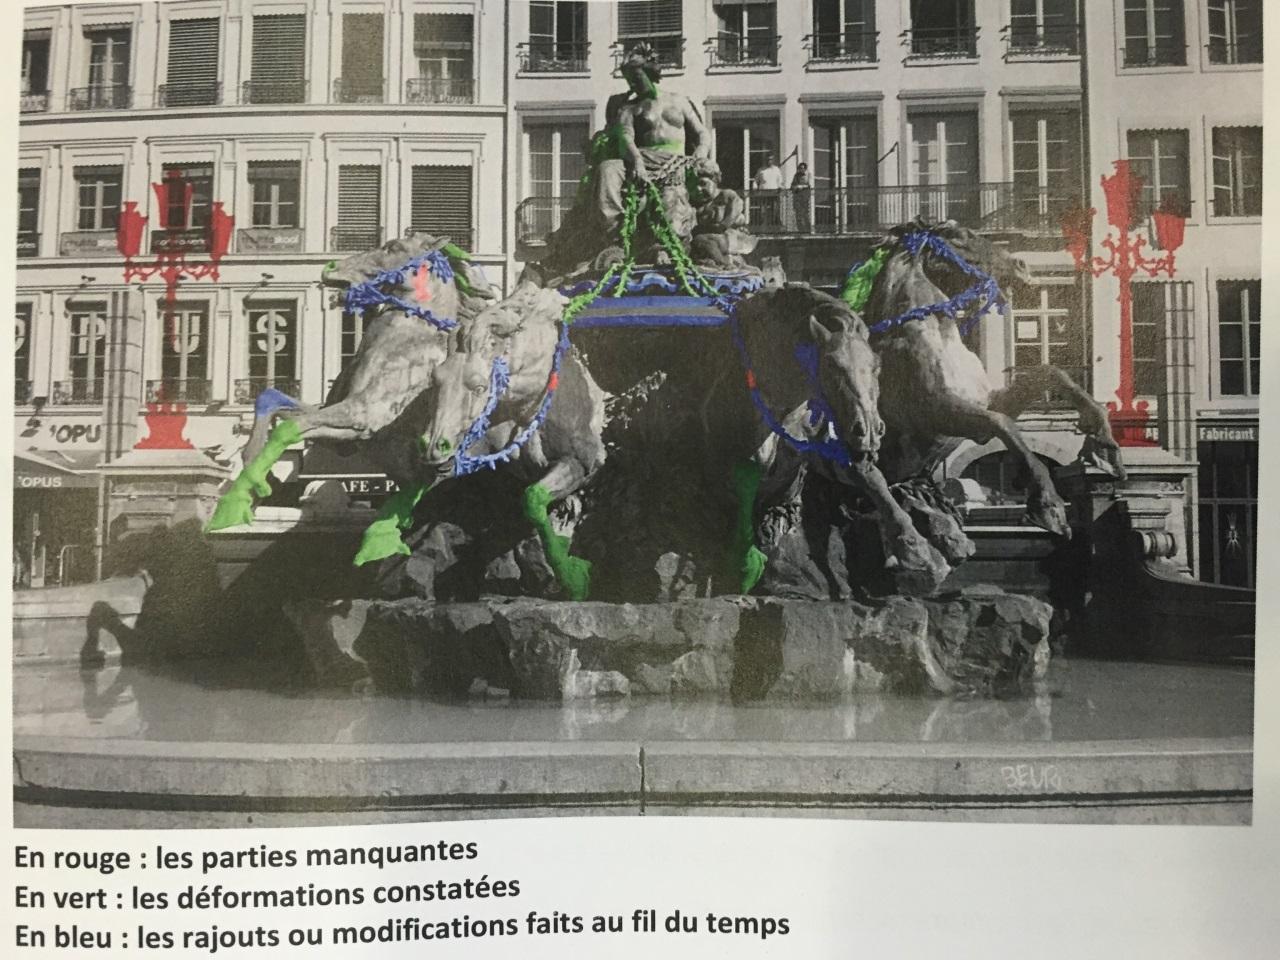 Les travaux prévus pour la fontaine de la place des Terreaux - LyonMag